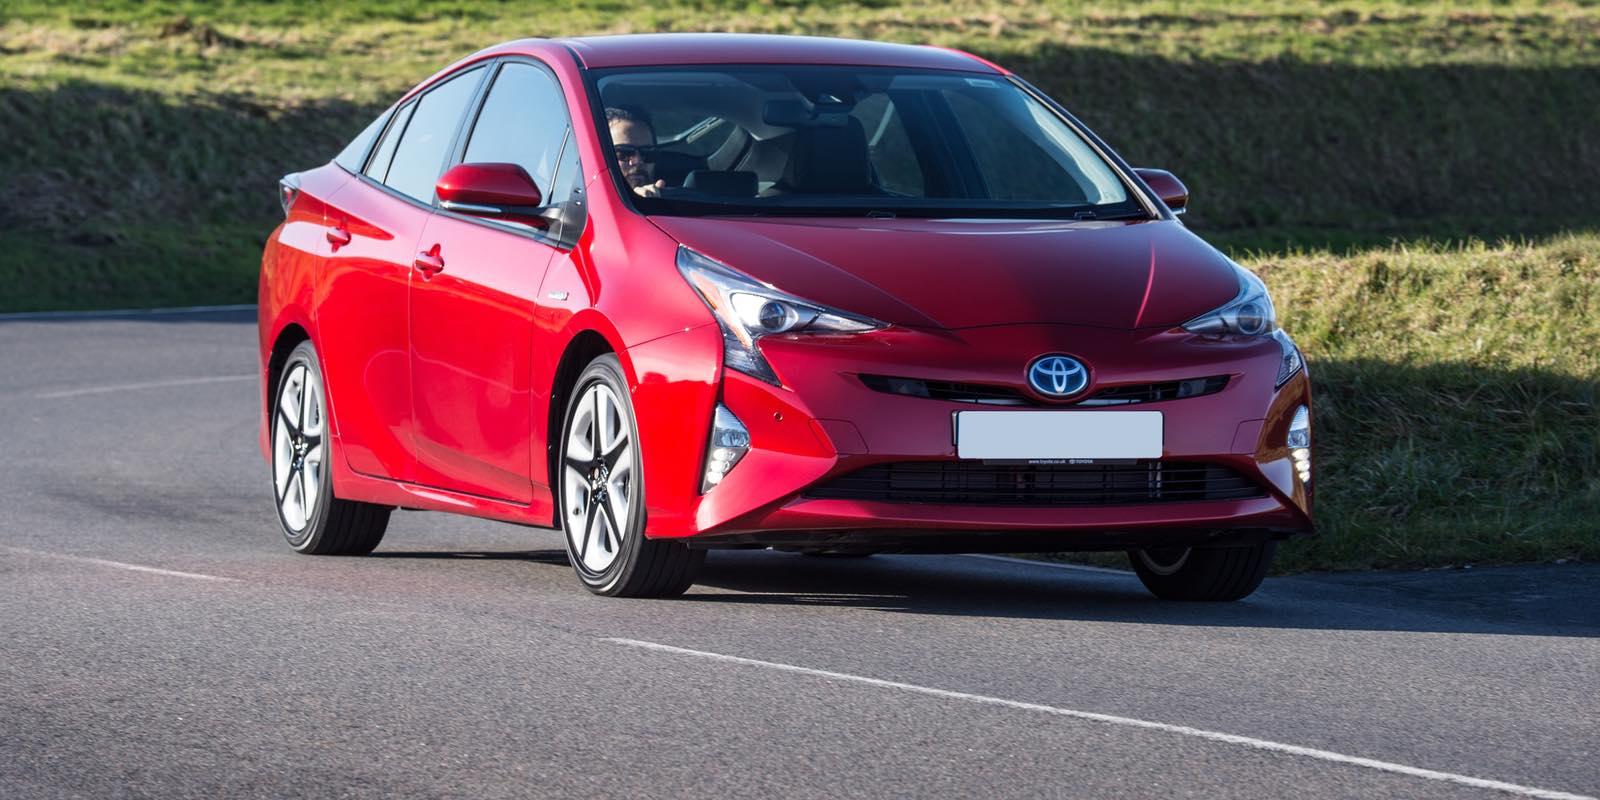 Toyota-Prius-Thumbnail